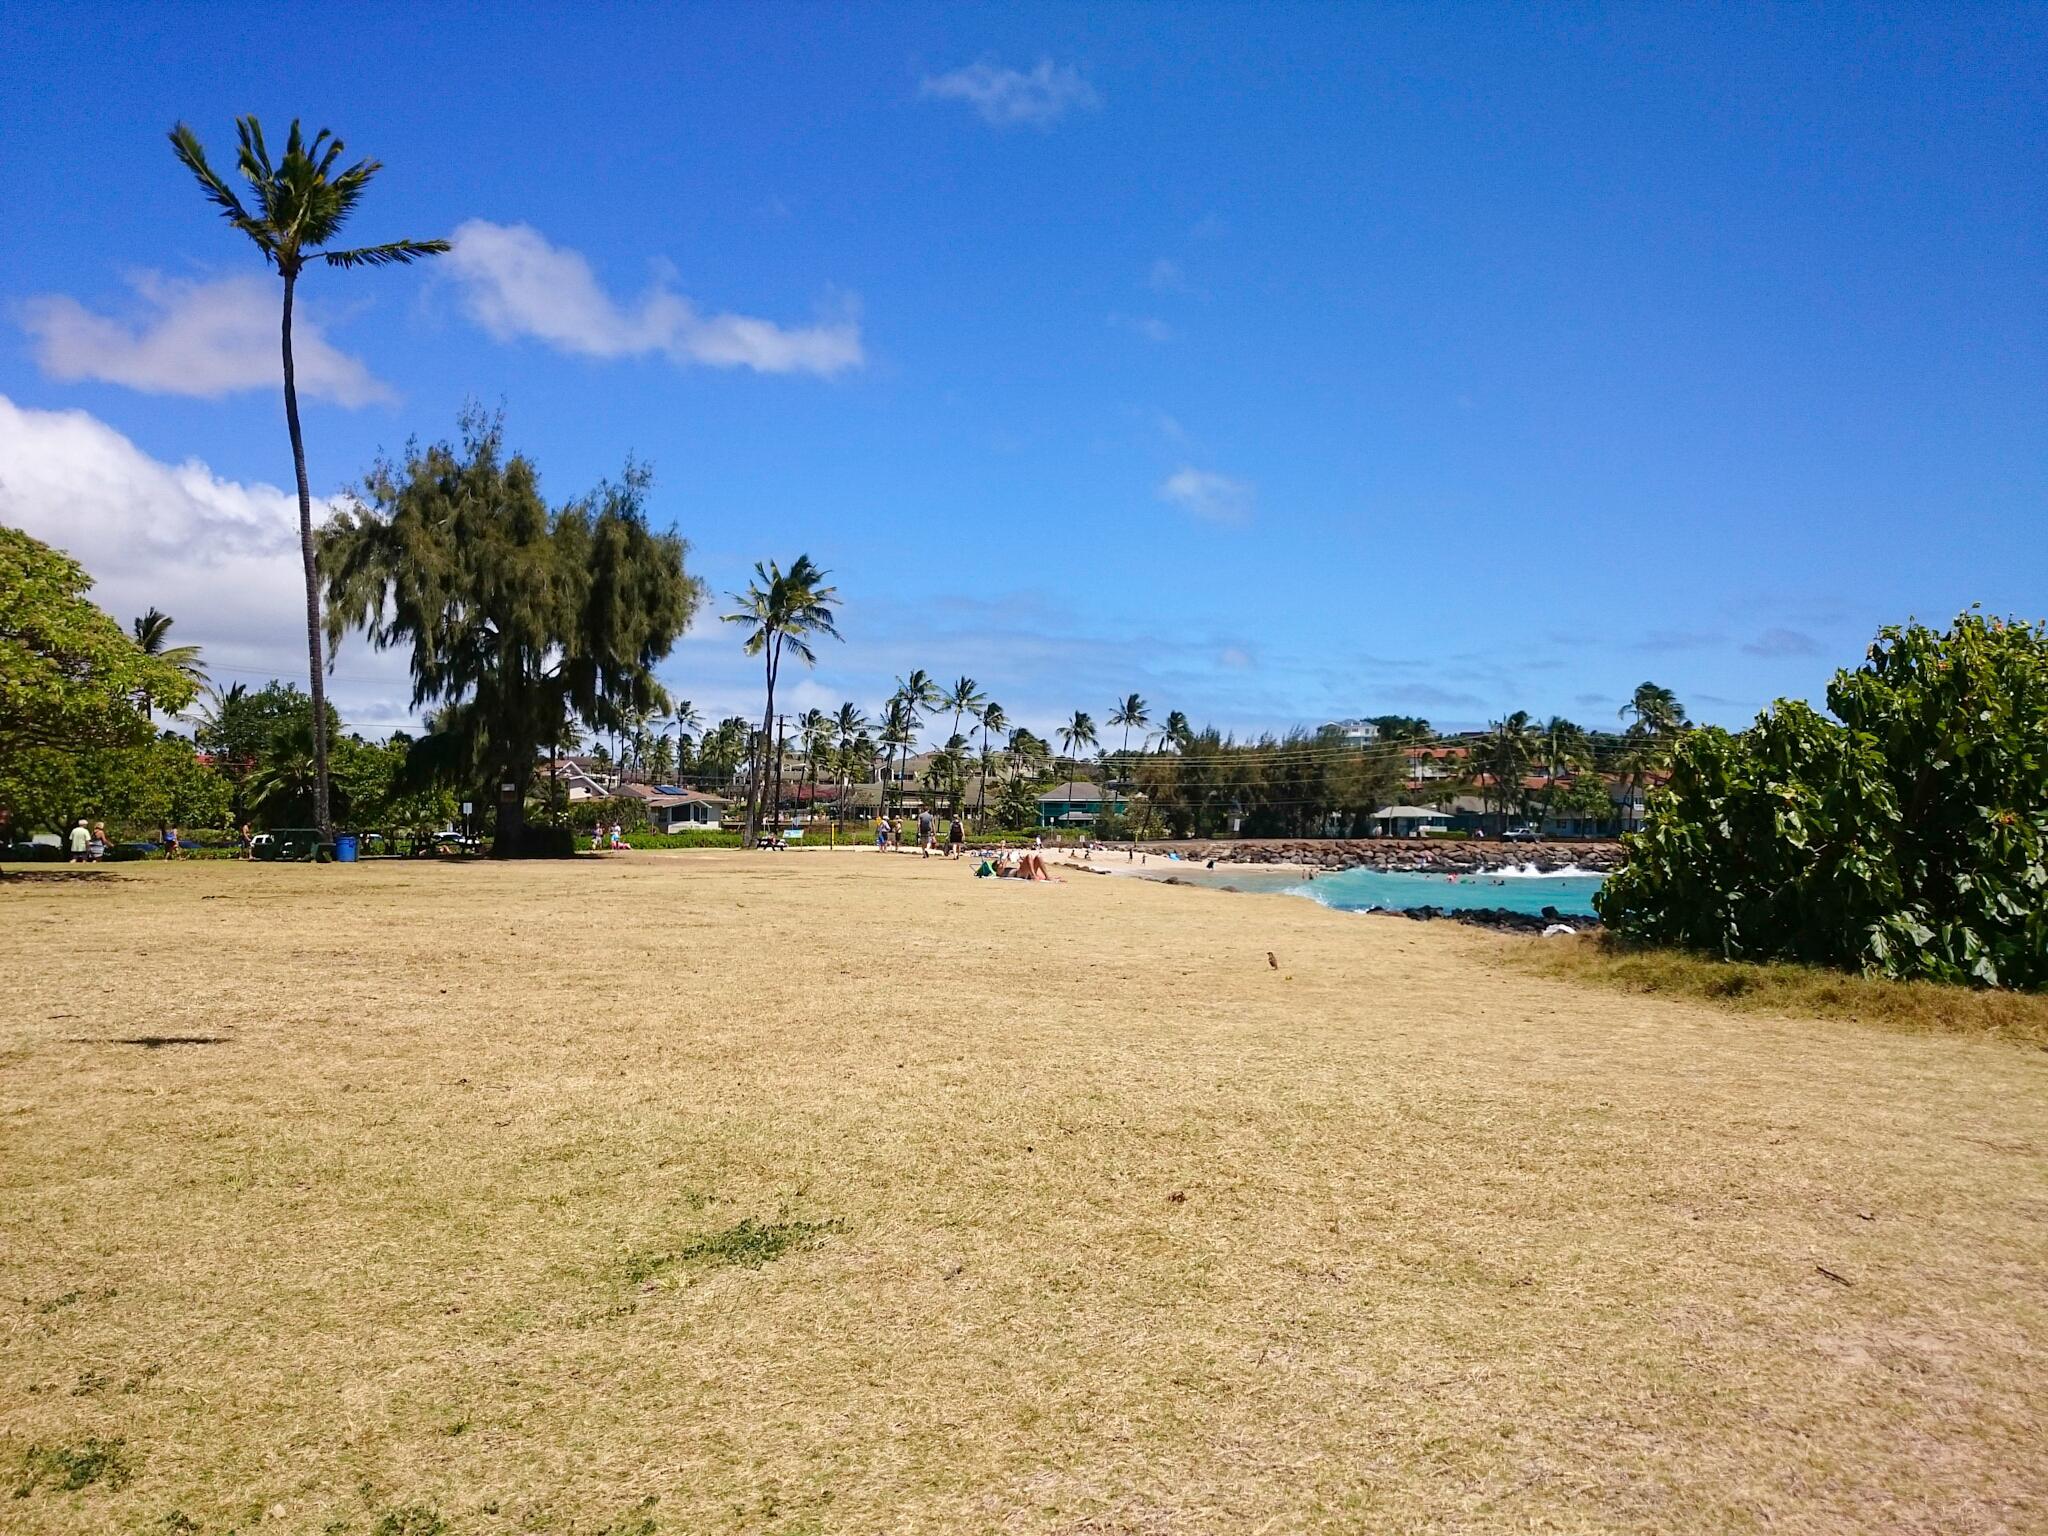 Poipu beach à Kauai, Hawaï